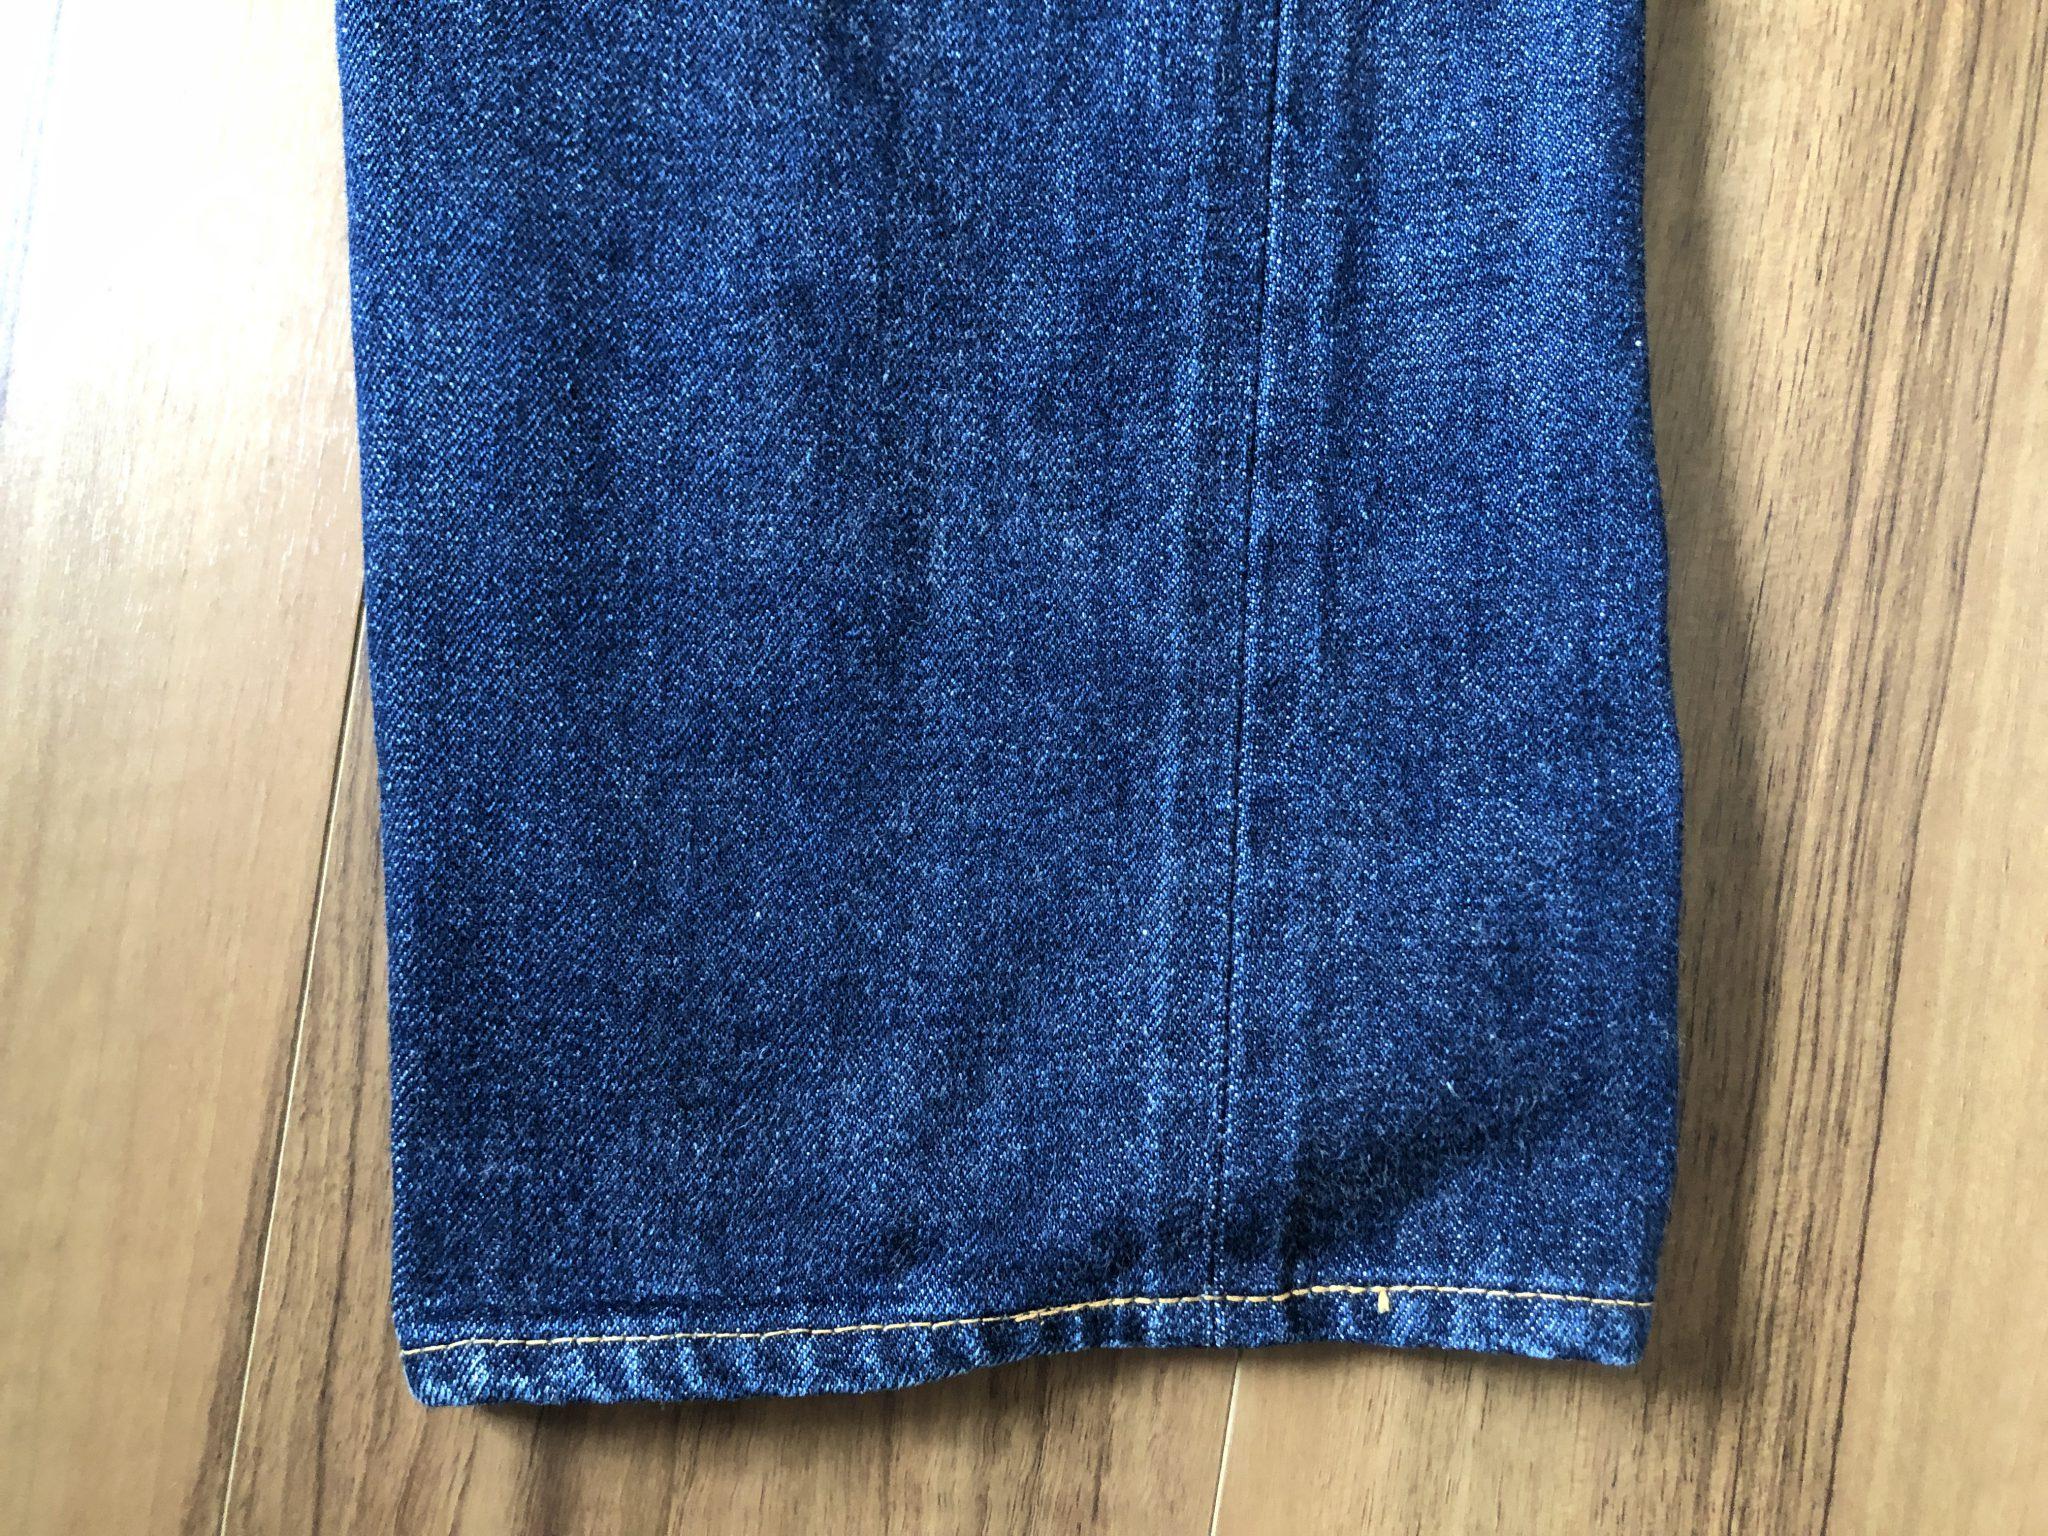 Resolute 710(リゾルト 710)|141日1630時間穿いて14回目の洗濯 エイジング 経年変化 ヒ